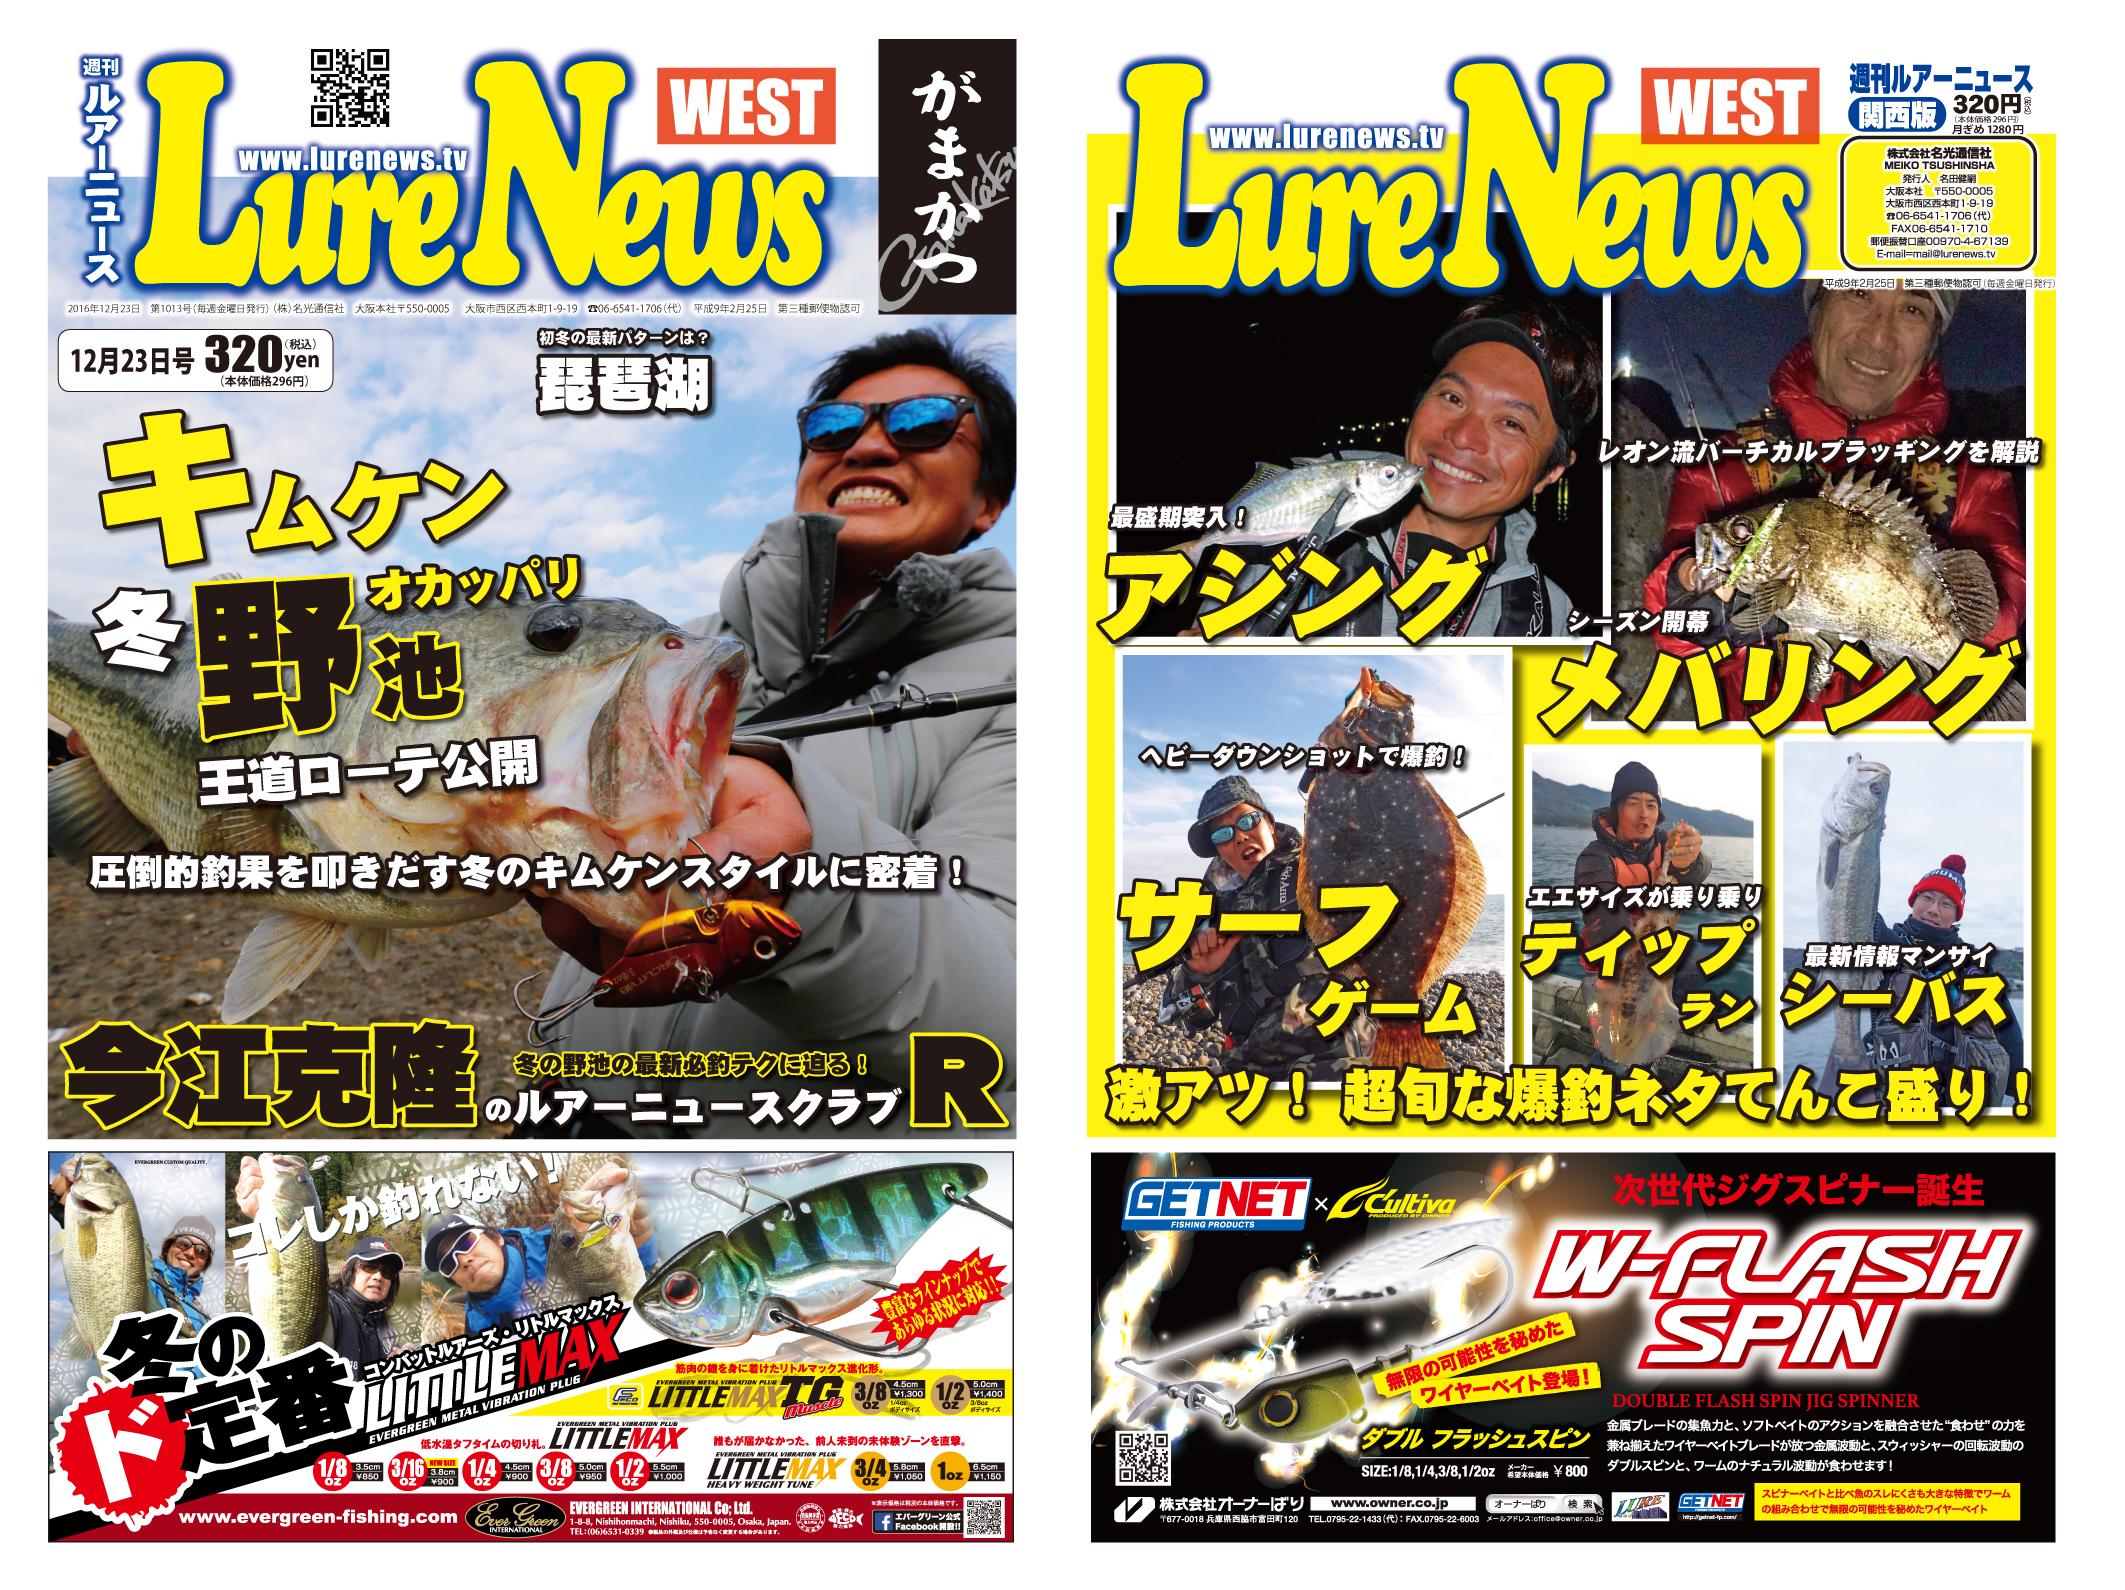 http://lurenews.tv/west1013hyoushi.jpg